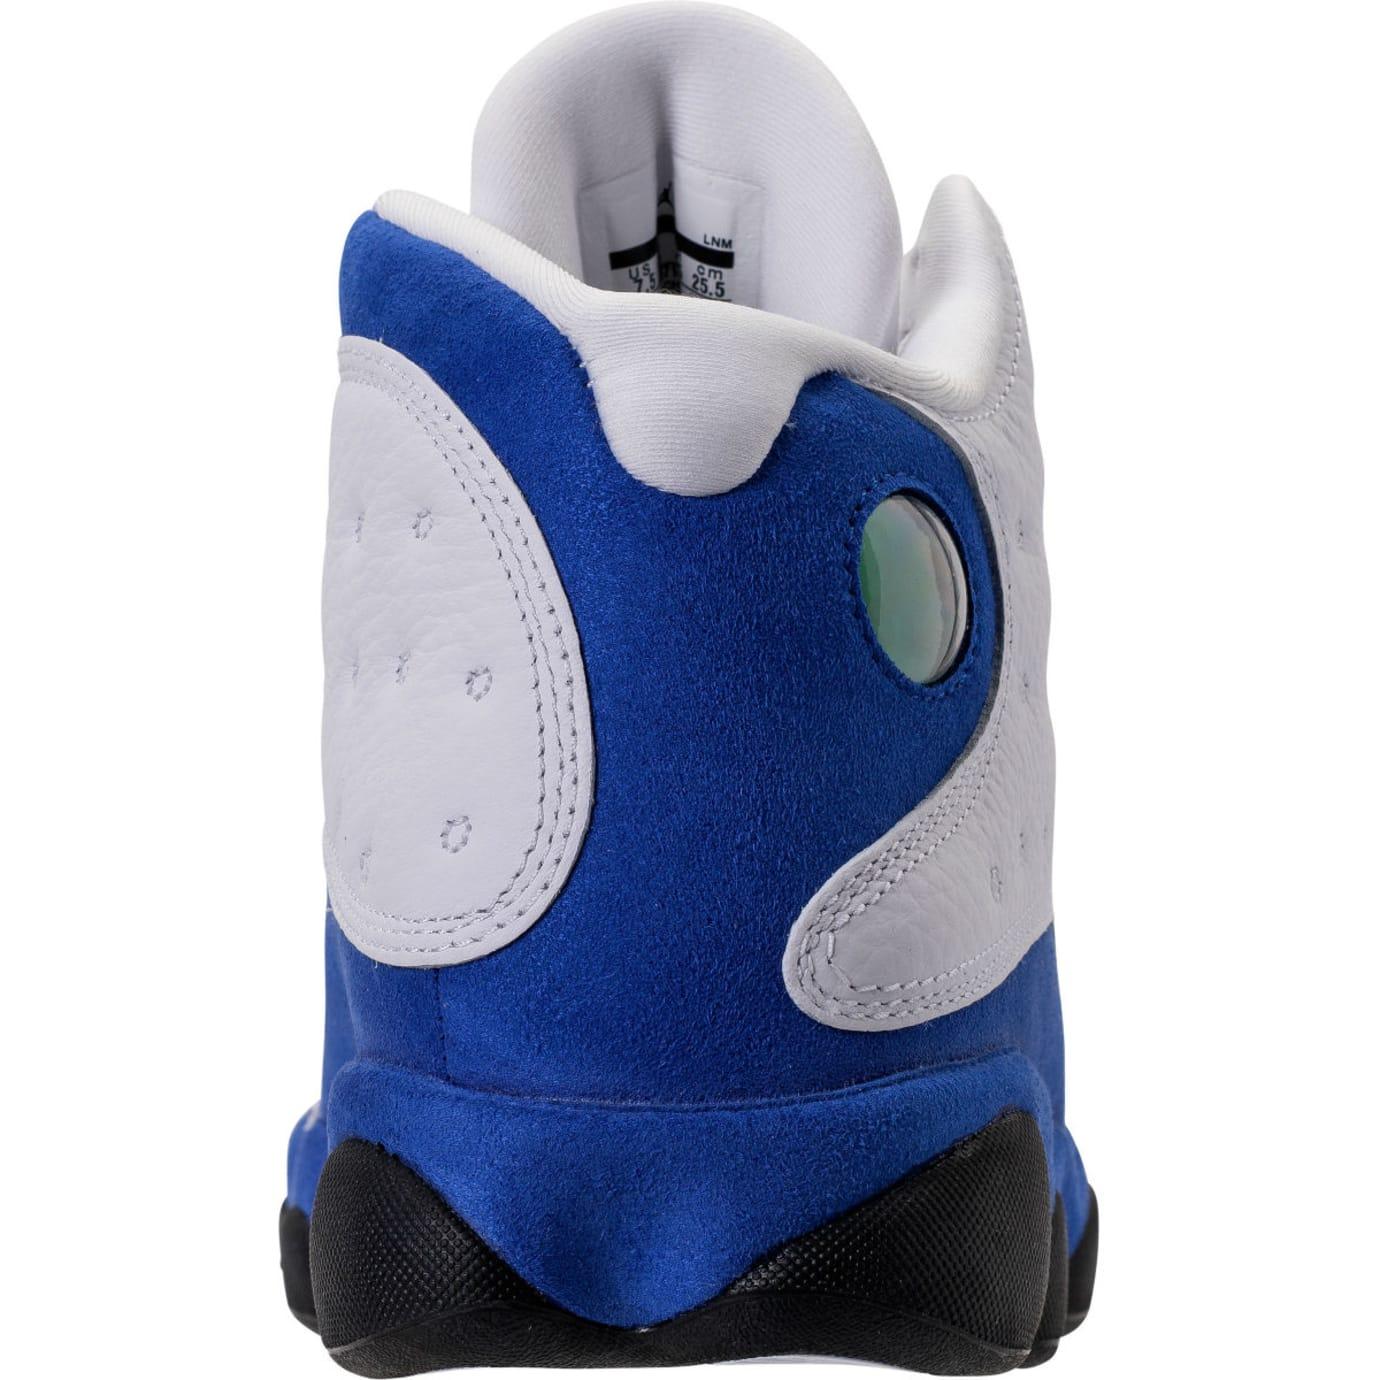 Air Jordan 13 XIII Hyper Royal Q-Rich Release Date 414571-117 Heel